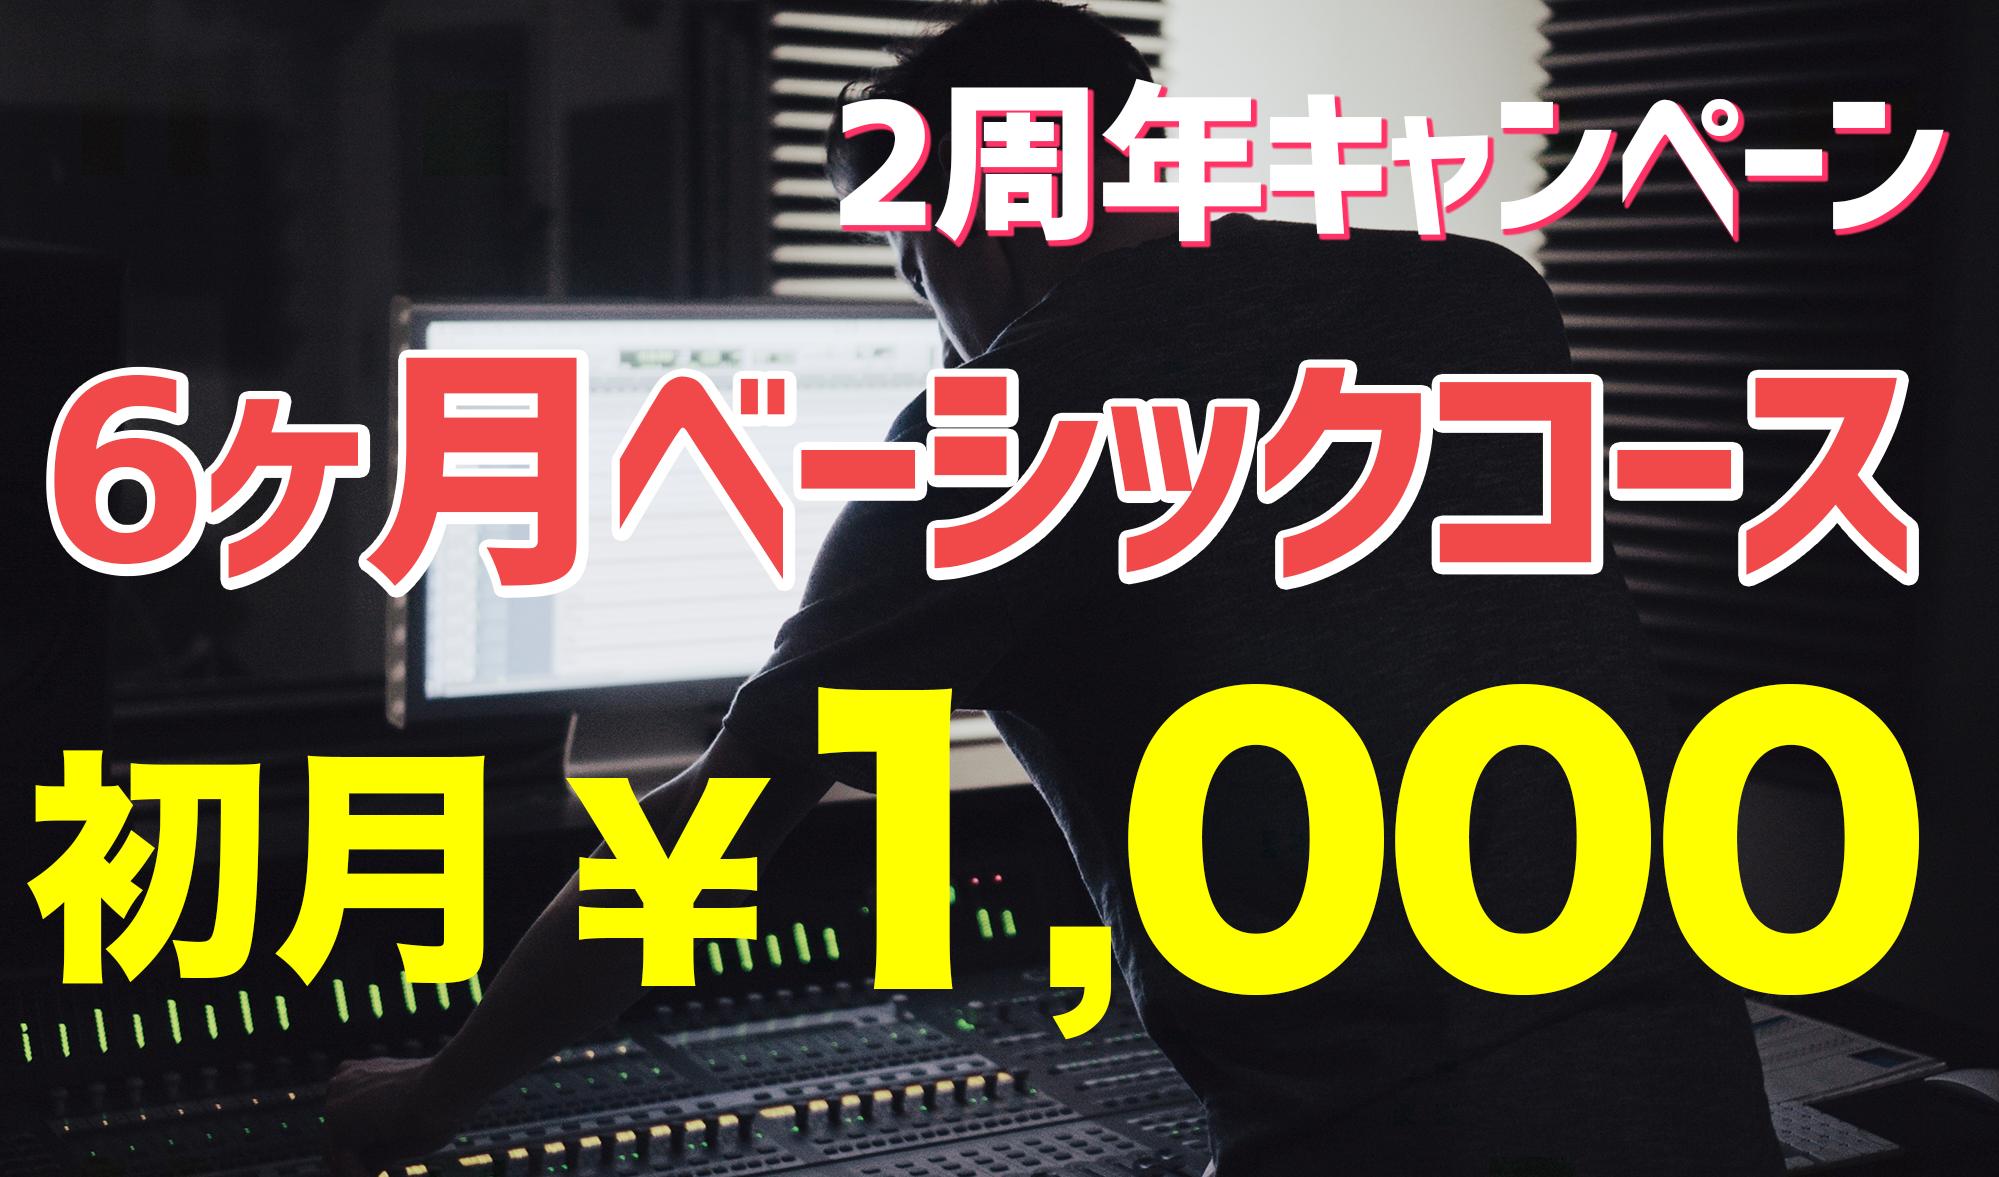 【9月30日まで】6ヶ月ベーシックコース 2周年割引で初月1,000円!